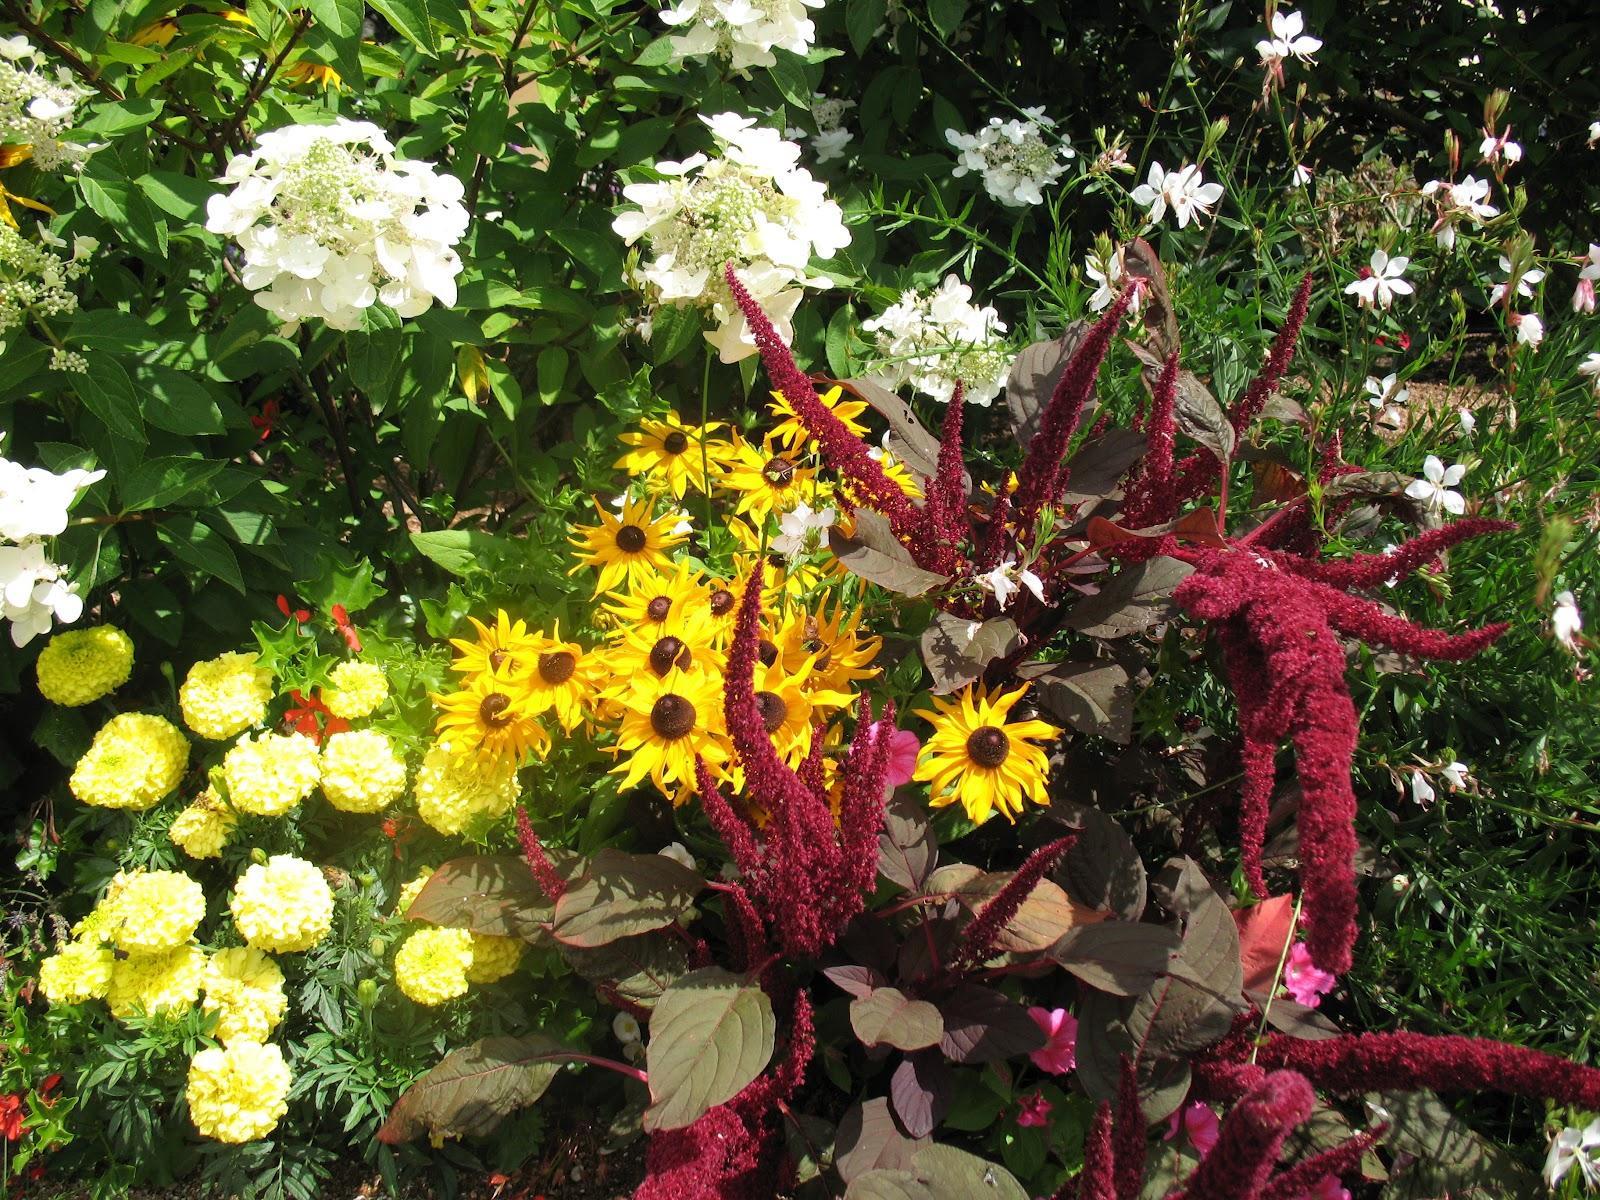 roses du jardin ch neland pour un massif de fleurs blanches. Black Bedroom Furniture Sets. Home Design Ideas